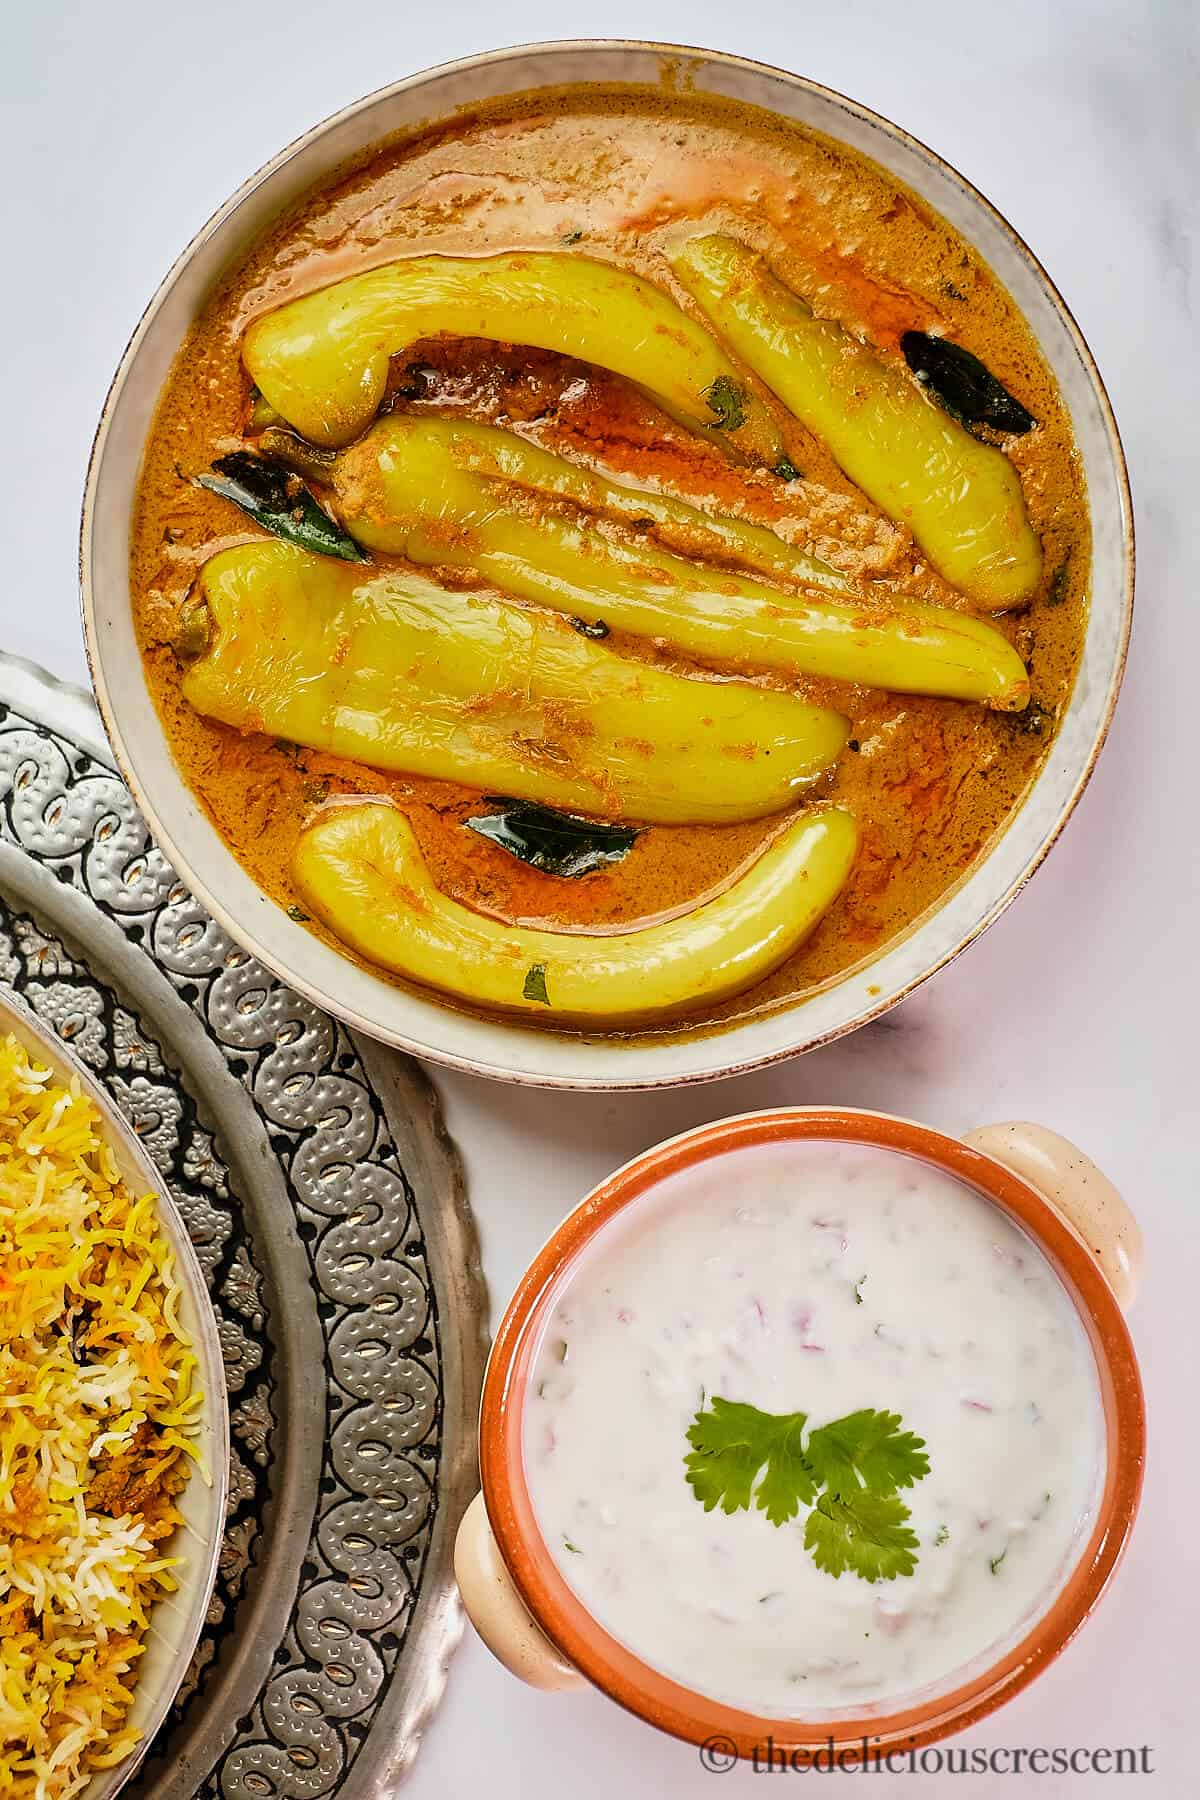 Mirchi ka salan served in a dish.